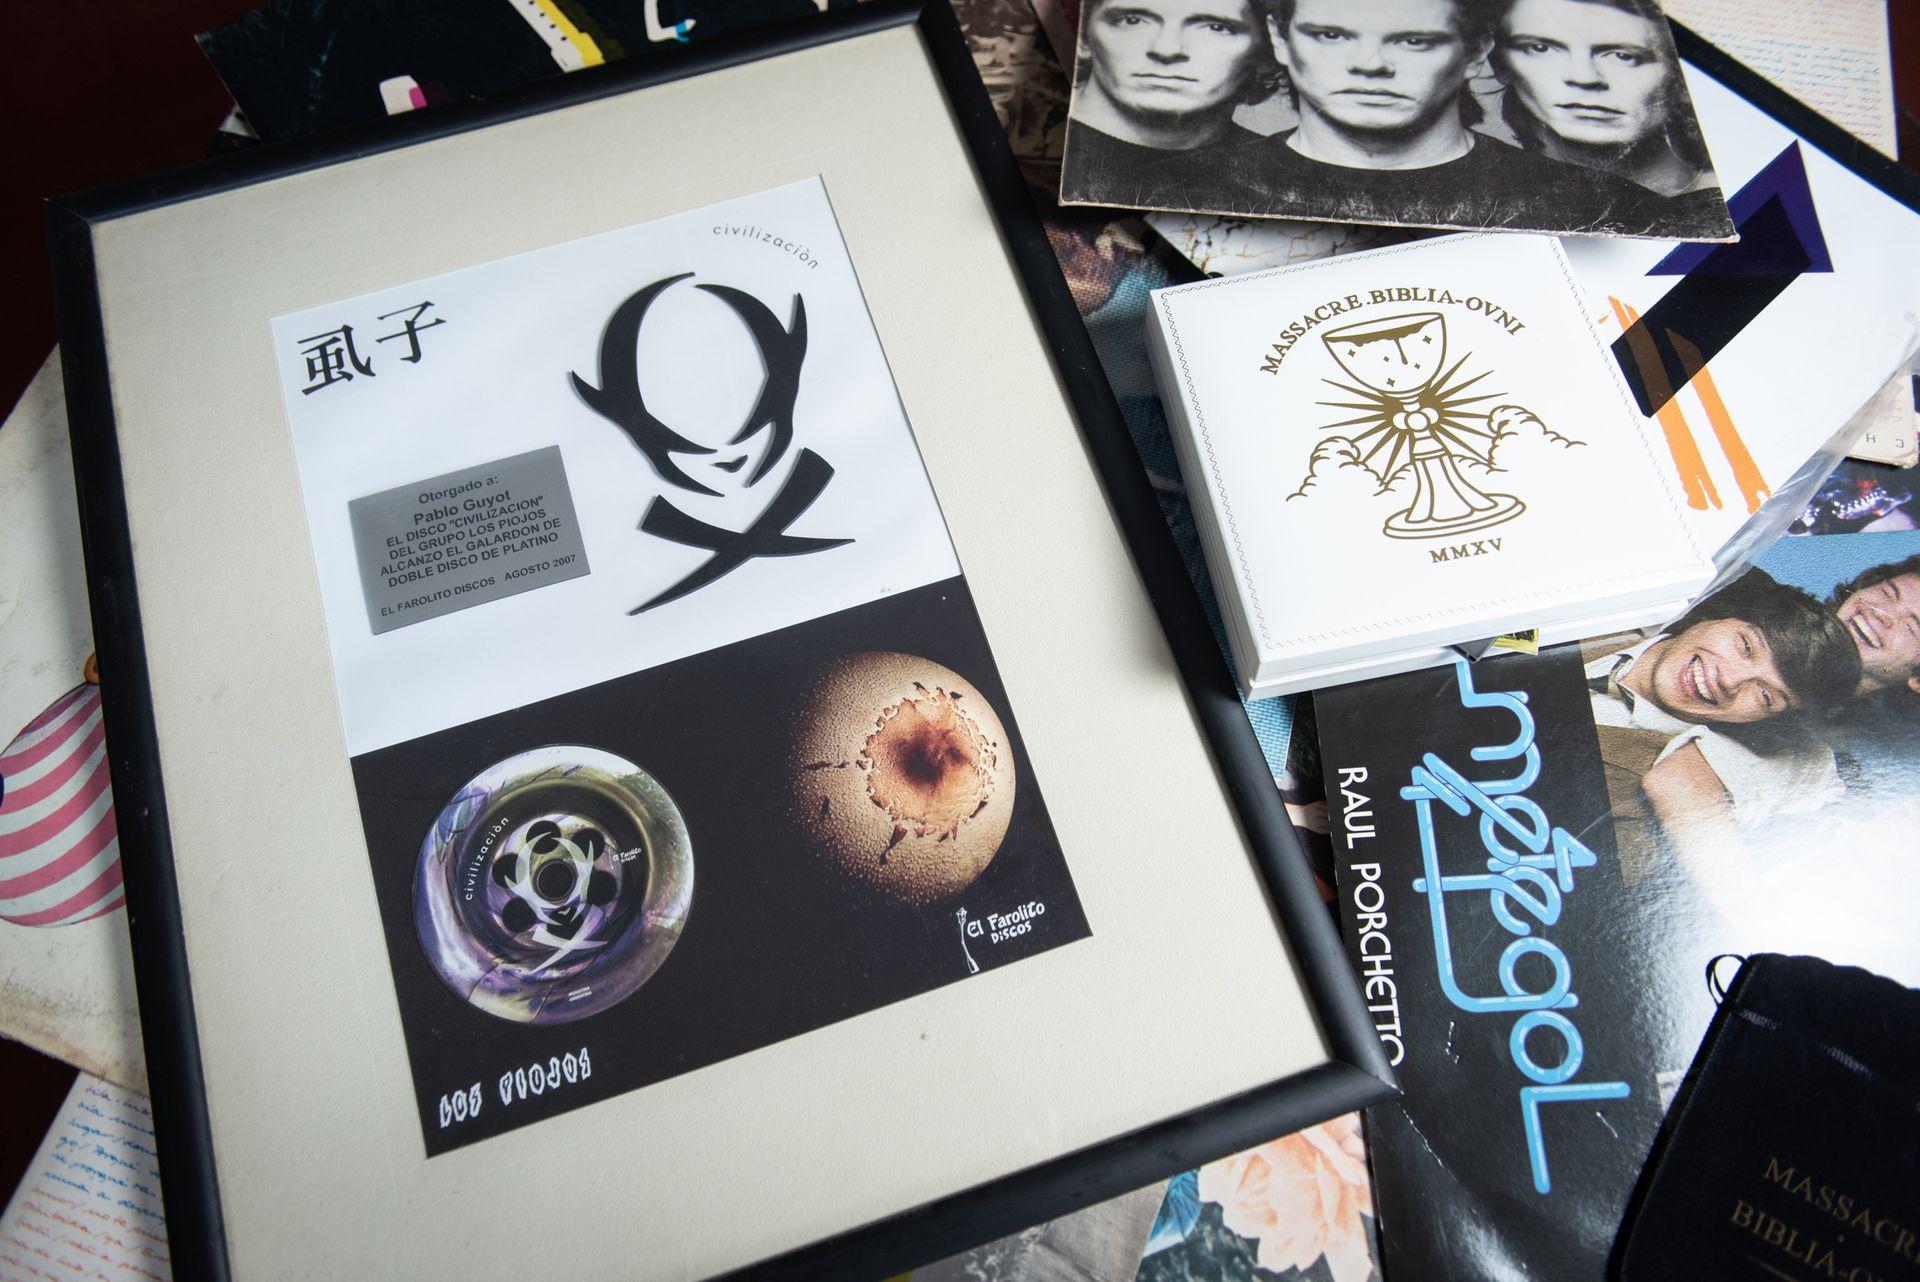 Una selección de los discos en los que tocaron o produjeron Toth y Guyot